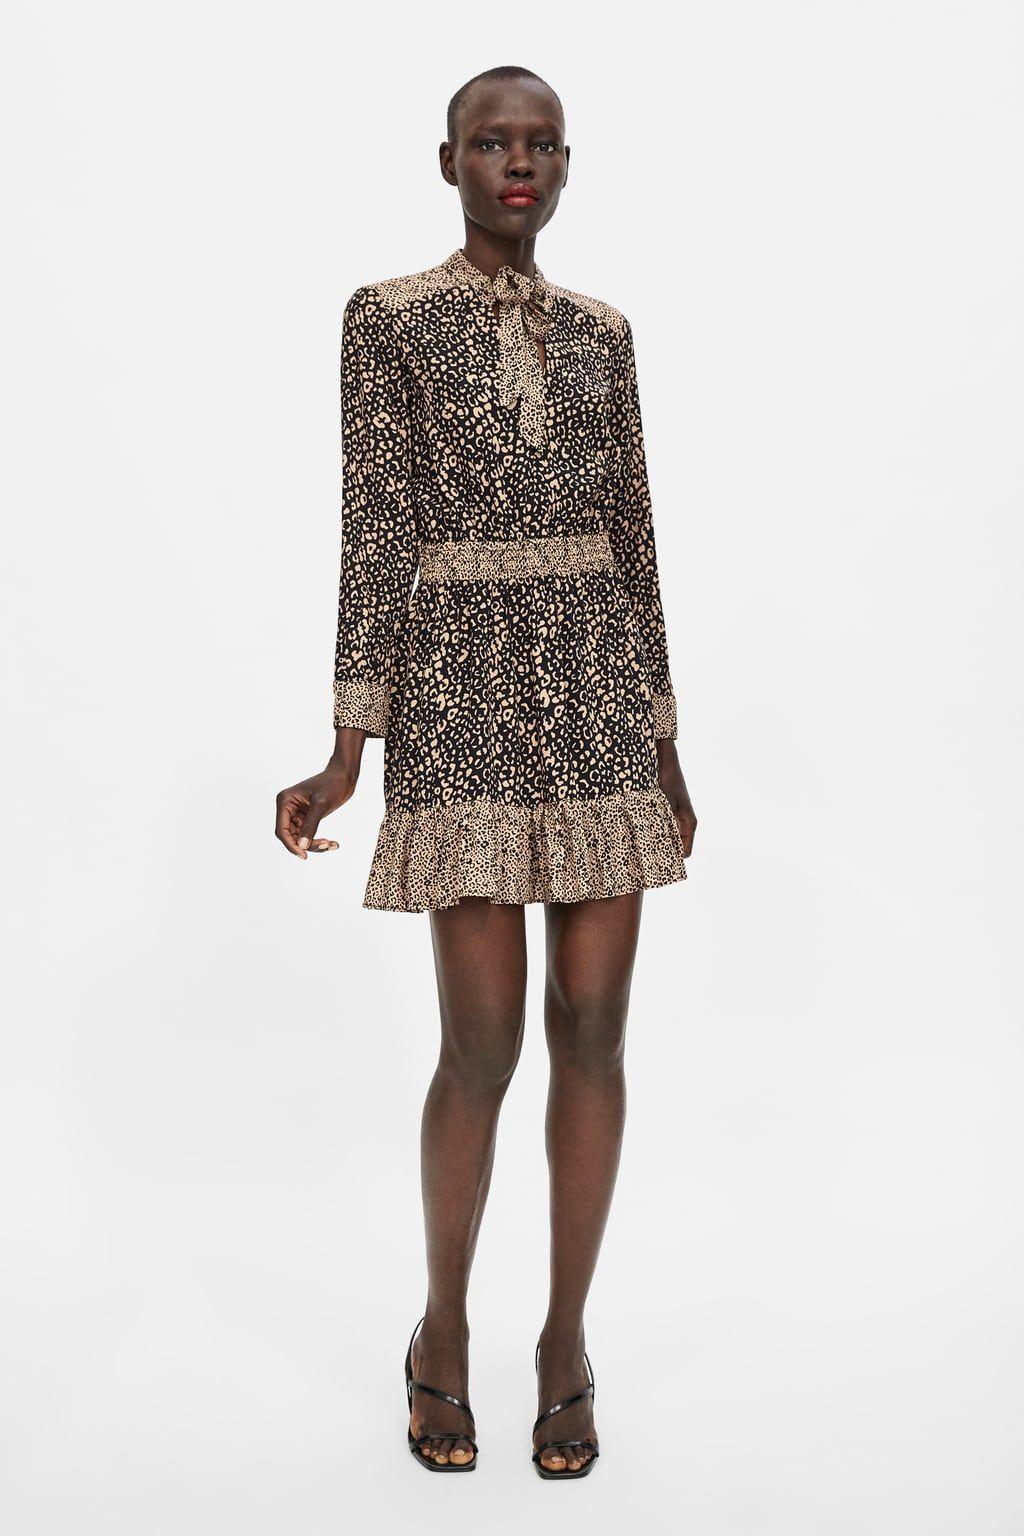 precios baratass comprar original reunirse Animal print dress | AW18 likes | Animal print dresses, Zara ...